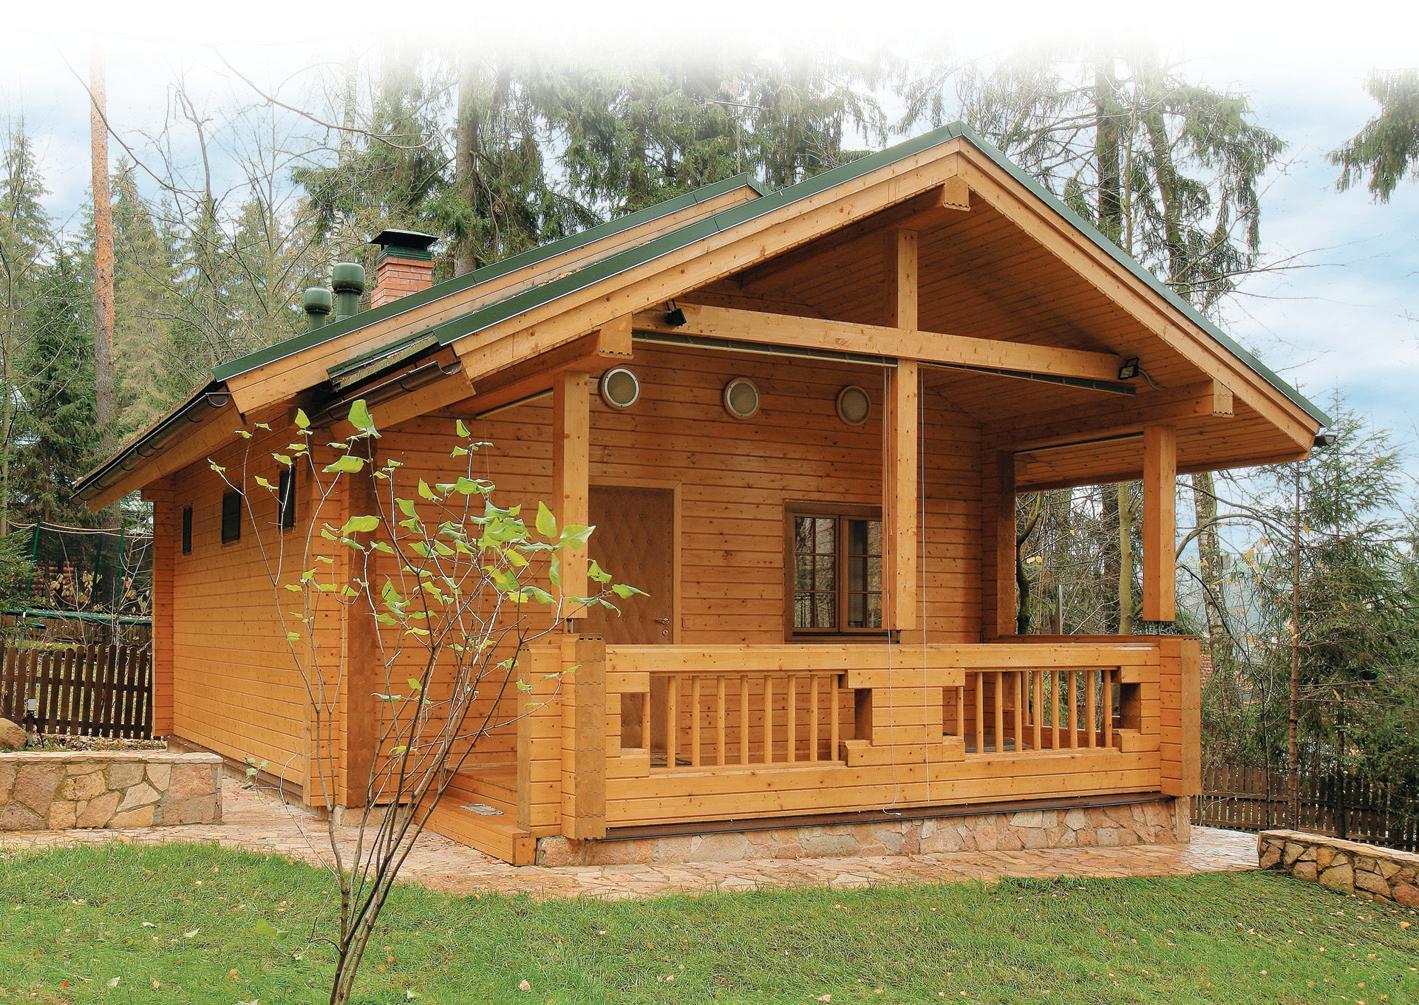 Документы на право собственности на землю и на дом